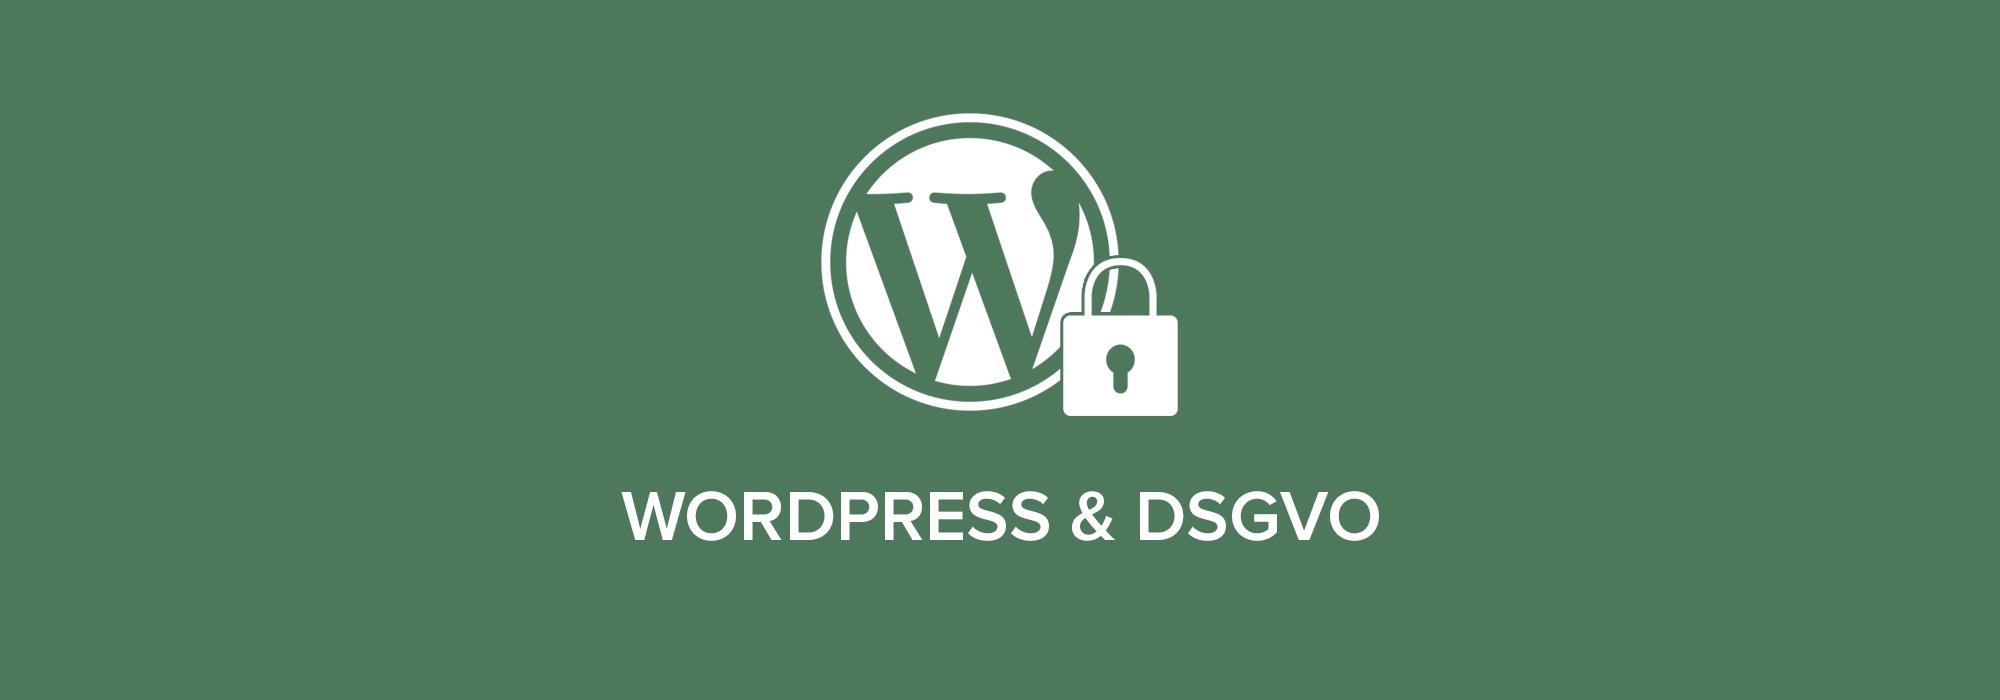 Wordpress & DSGVO